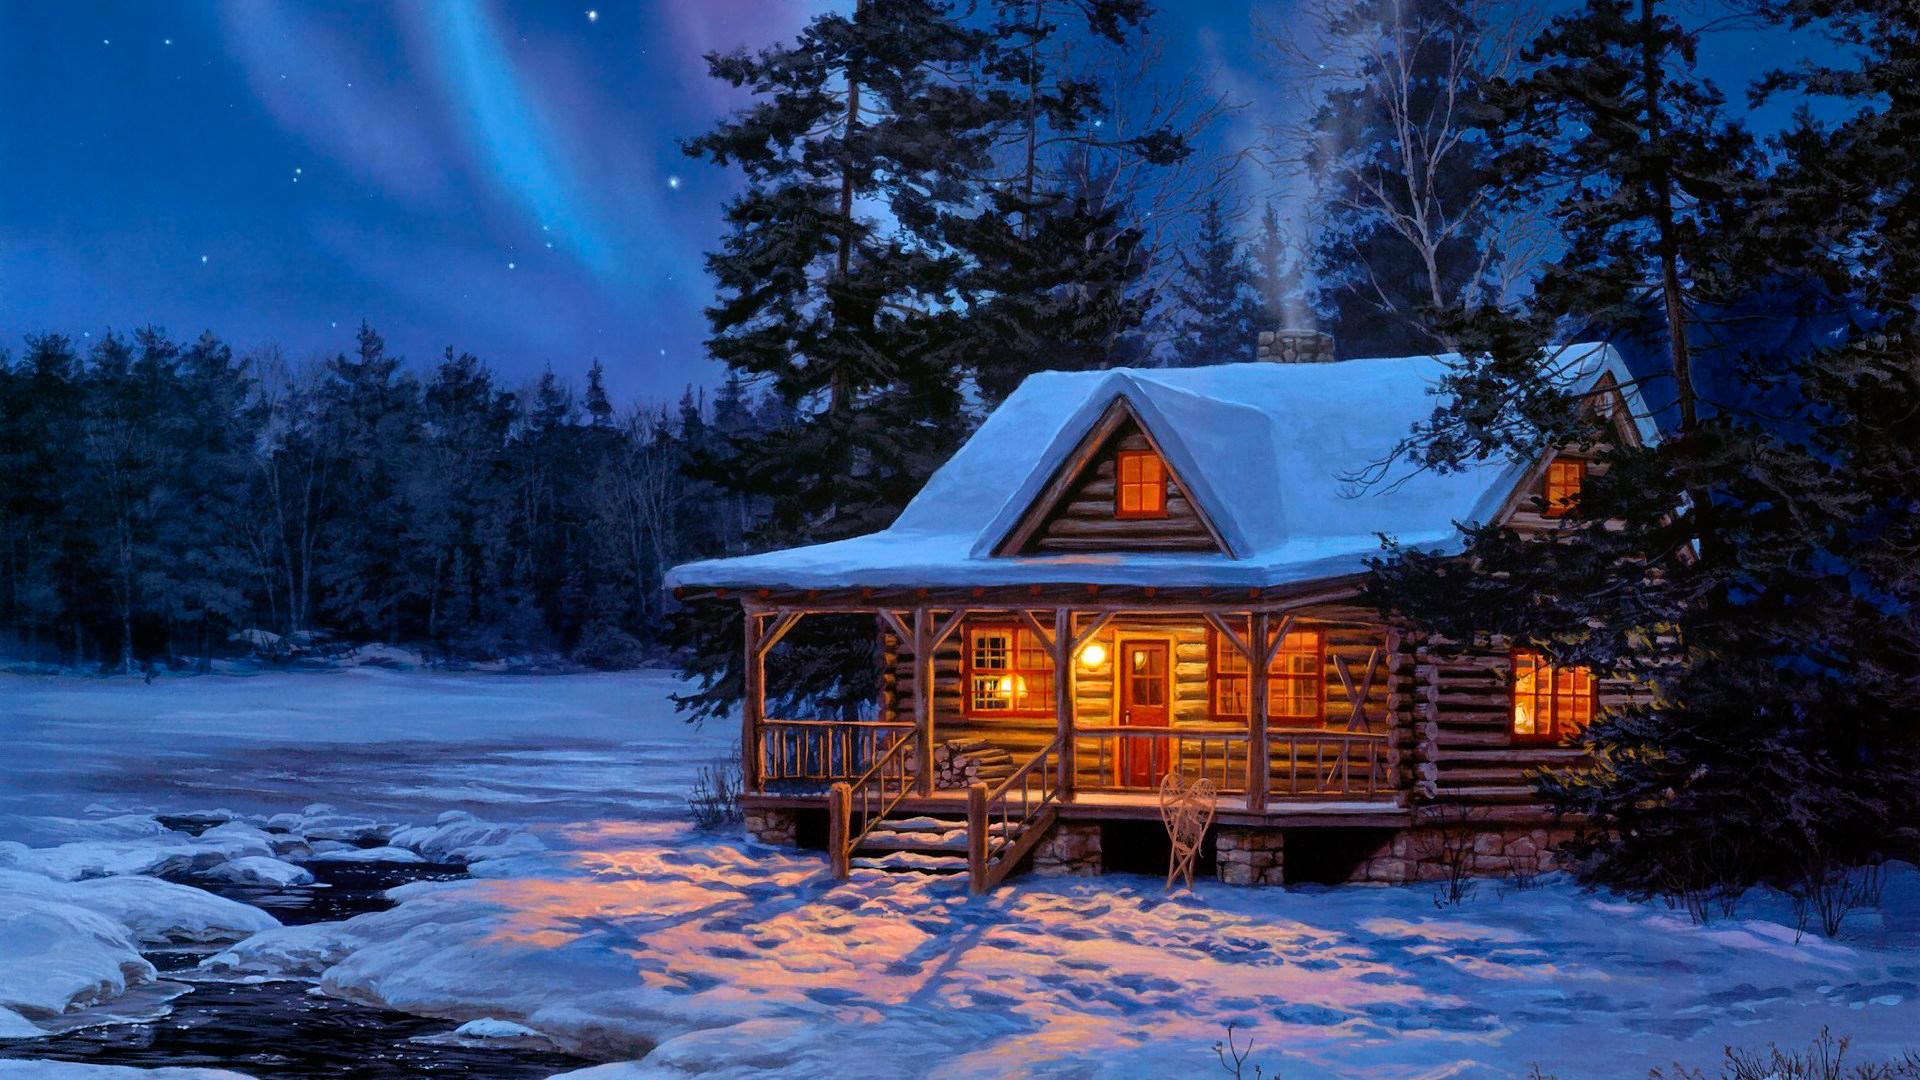 winter картинки